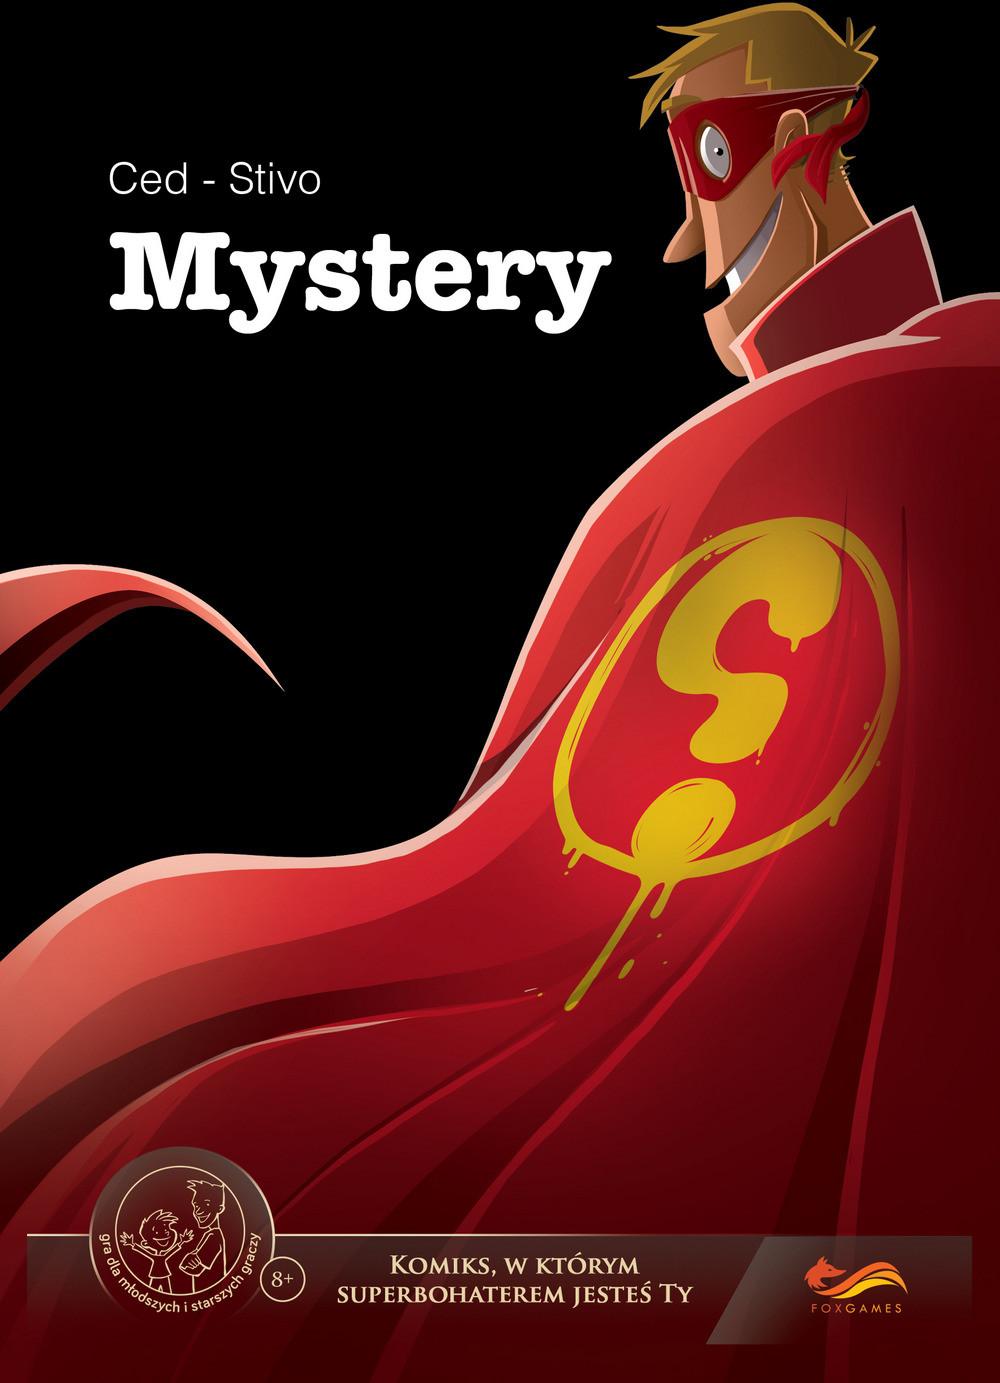 praca zbiorowa Komiksy paragrafowe Mystery